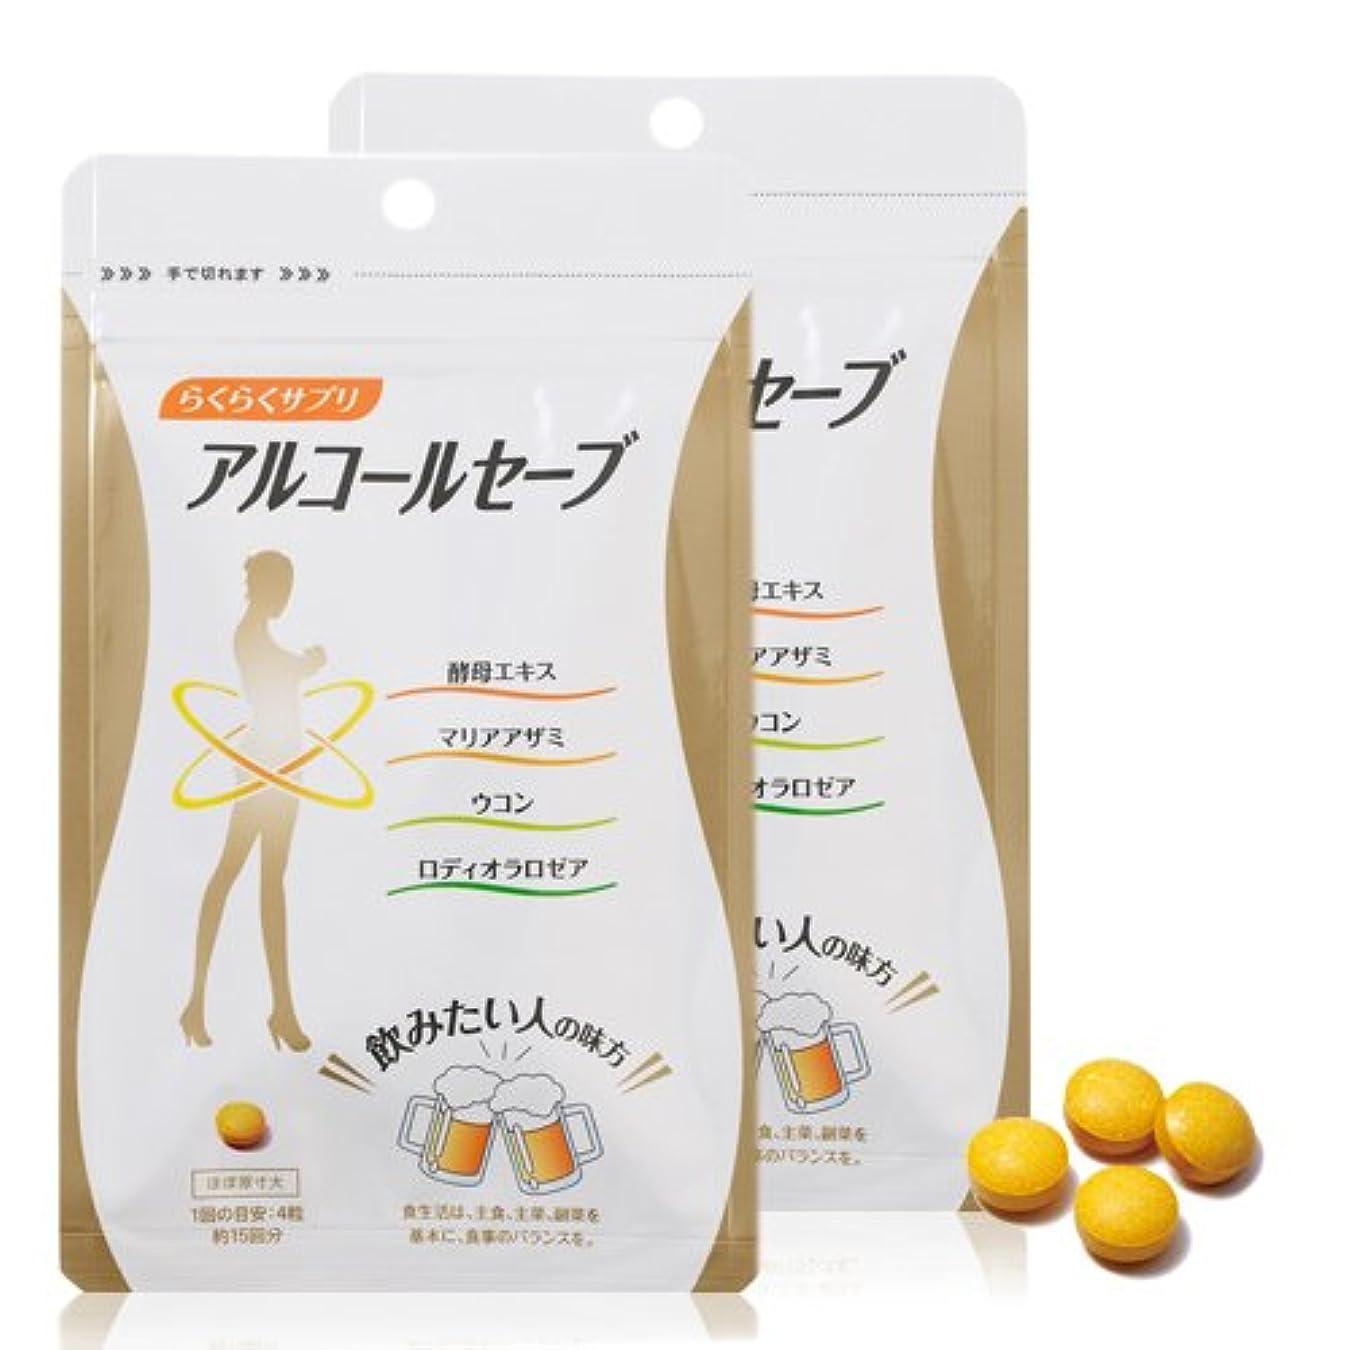 ノイズ明るくする子孫スリムサプリメント アルコールセーブ 2袋セット